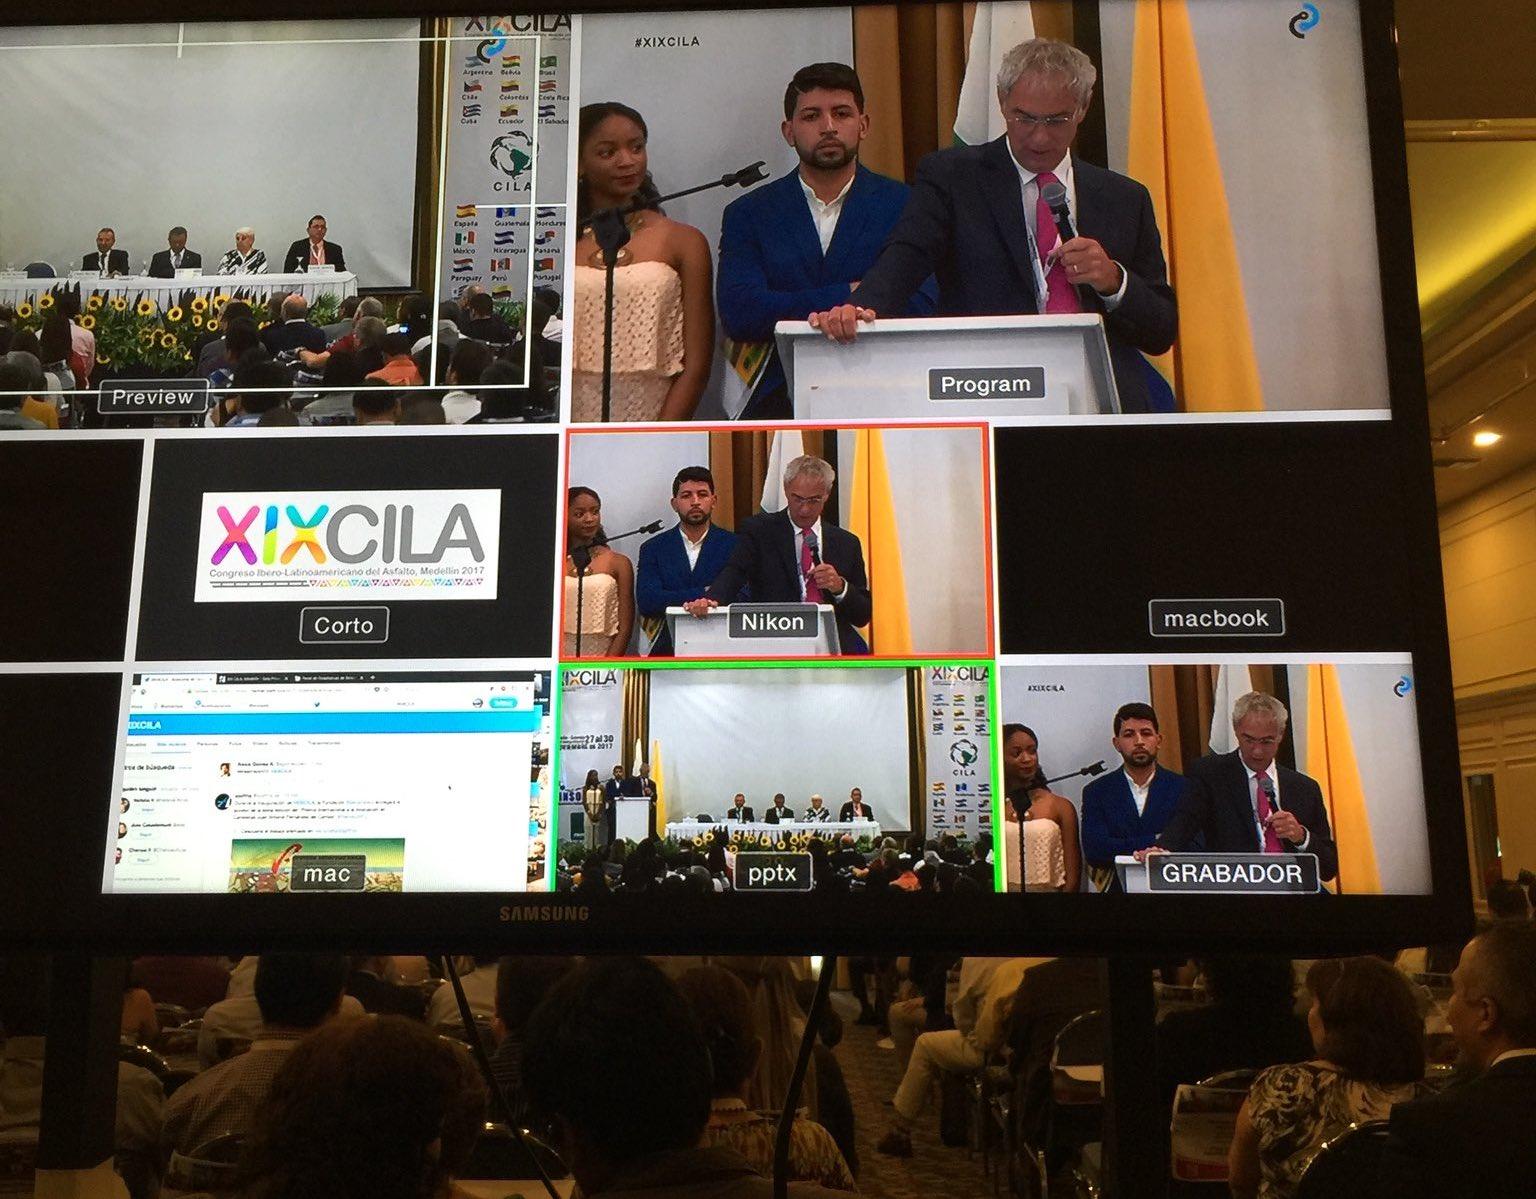 EL XIX Congreso Ibero Latinoamericano del Asfalto bate su récord histórico de alcance online y supera los 6,6 millones de impresiones